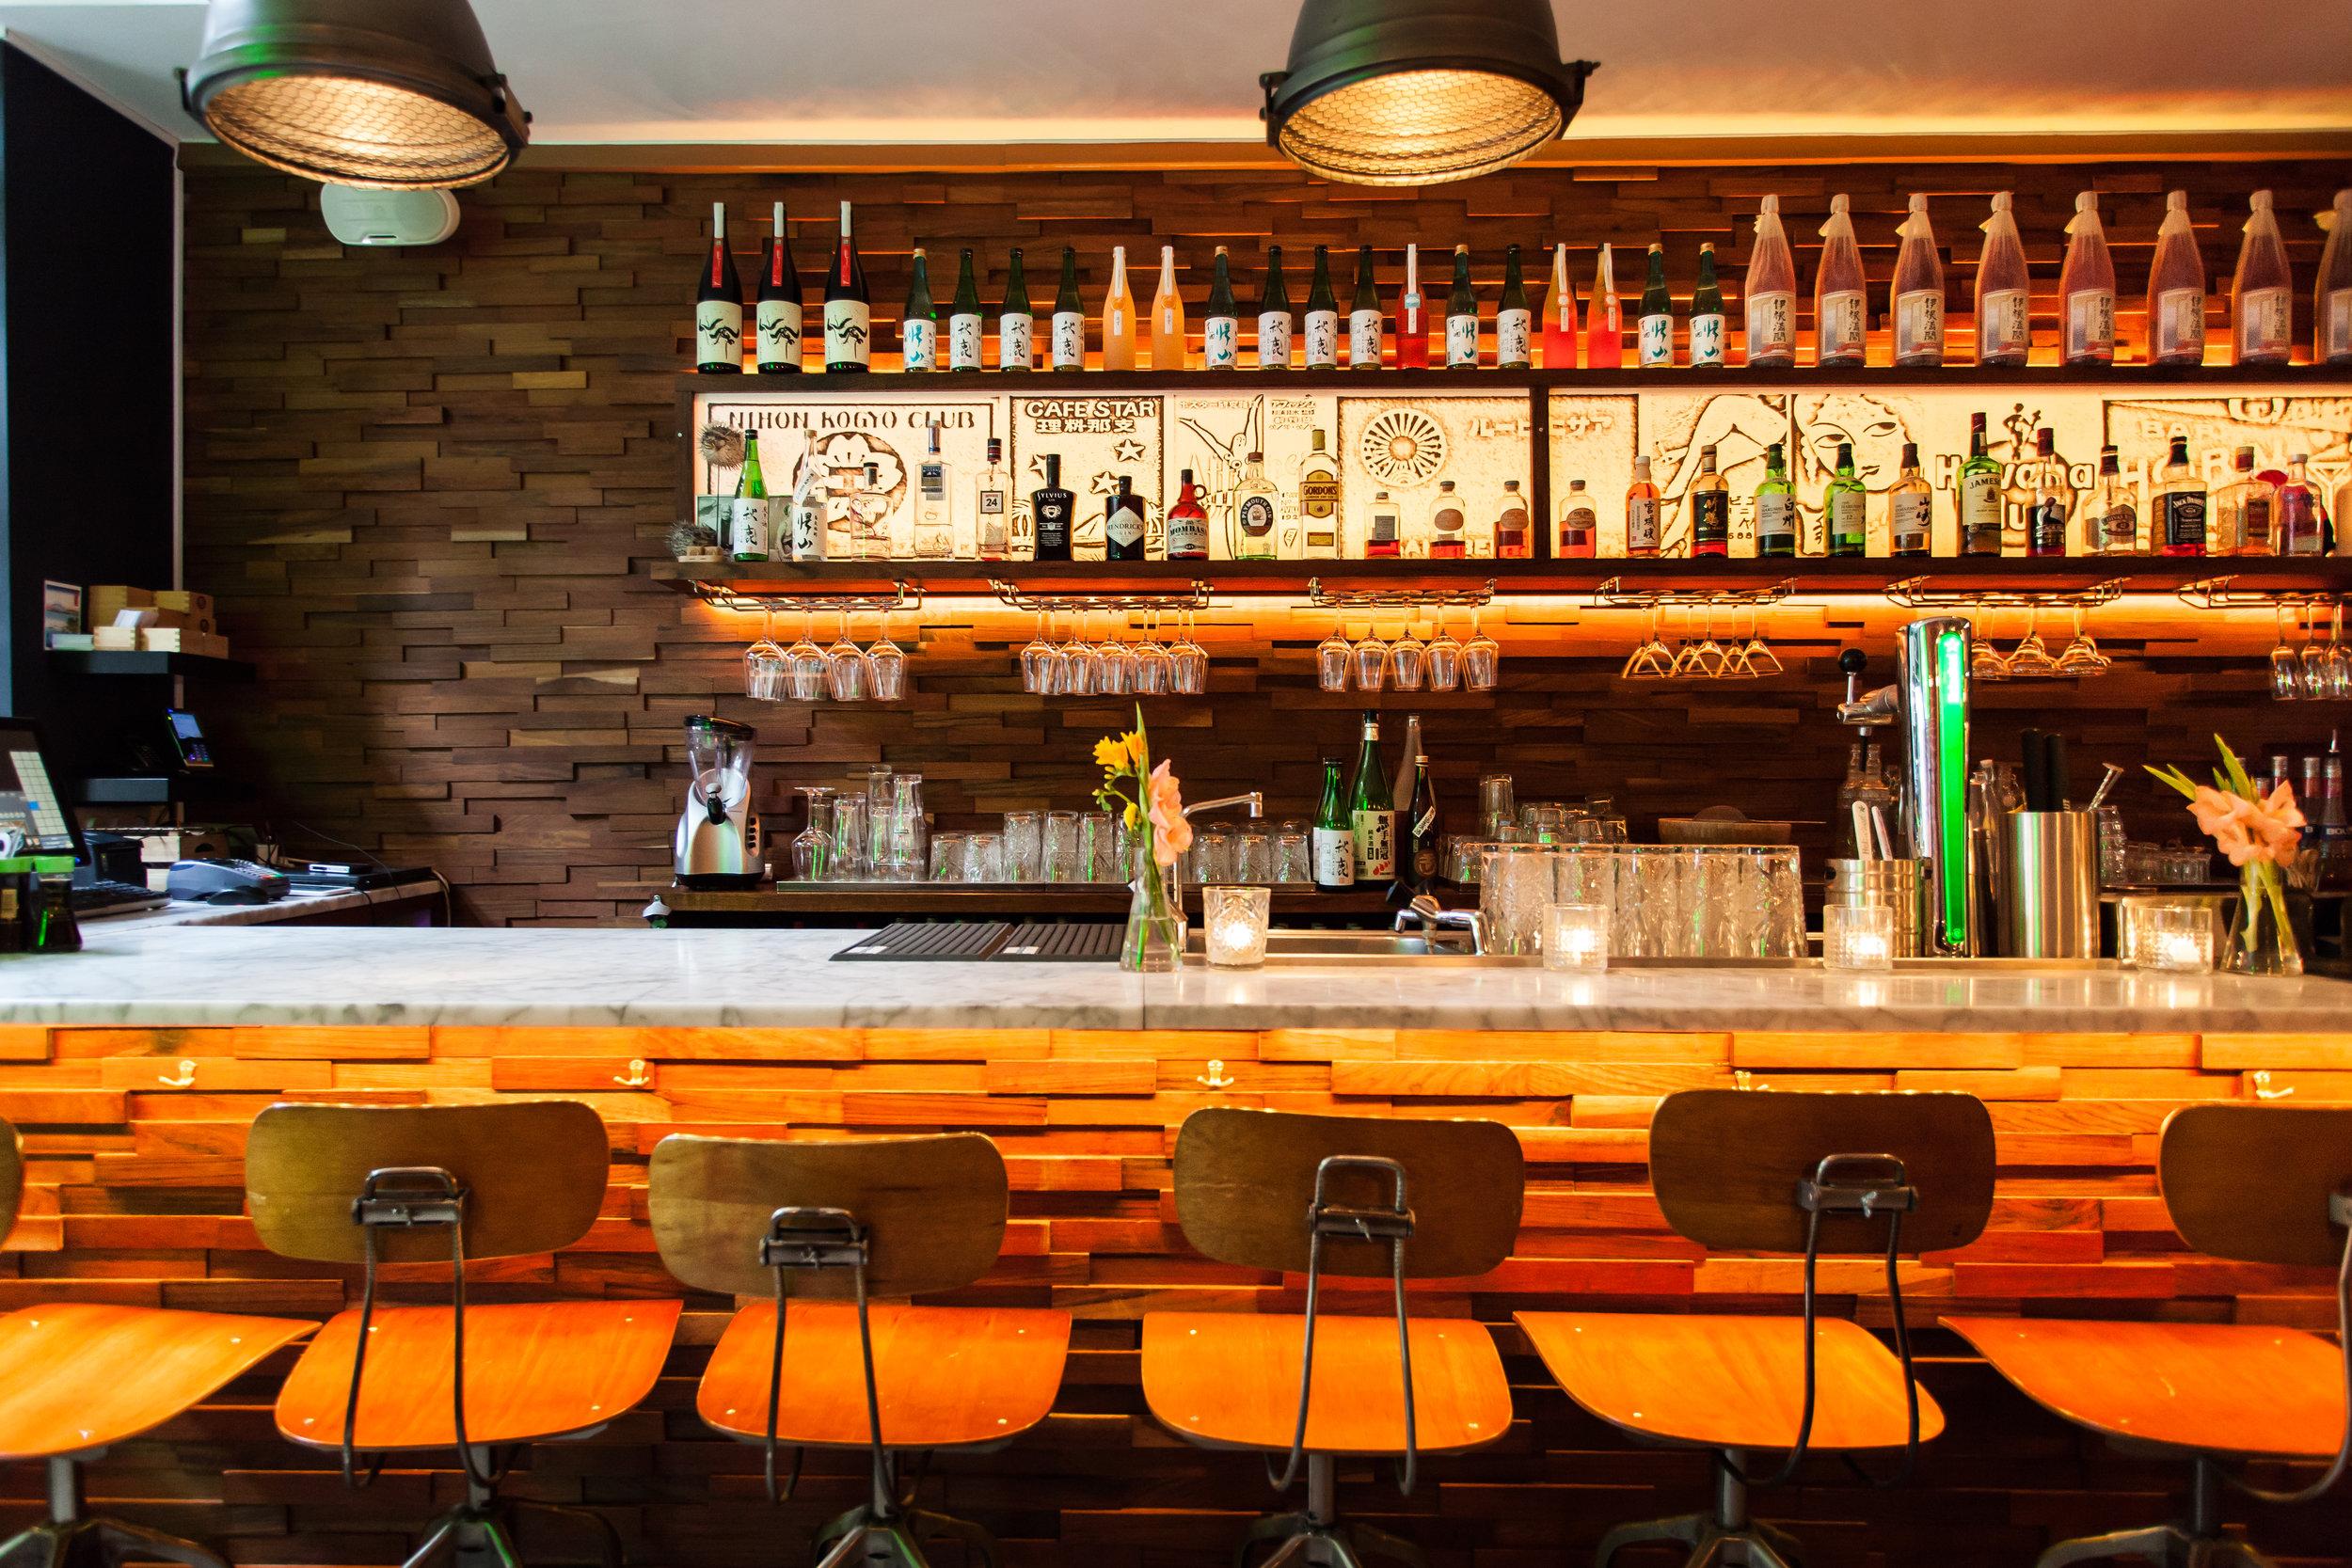 Ku Kitchen Bar Interior 7.jpg